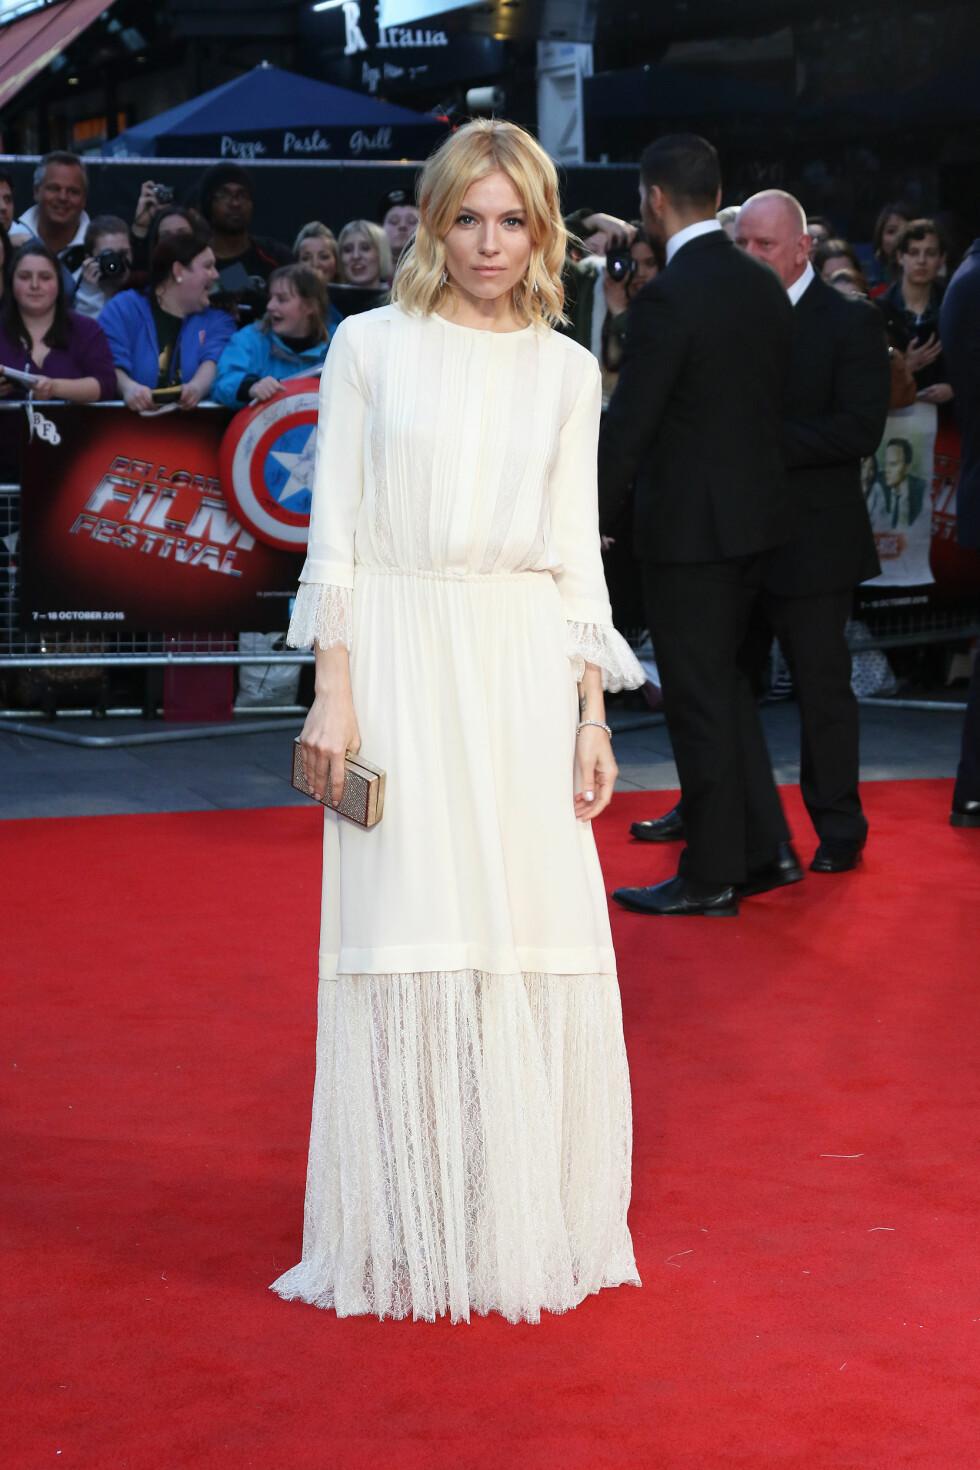 BOHEMSK: Sienna Miller i en florlett, hvit kjole fra Michael Kors´kommende vårkolleksjon på «High-Rise»-visningen. Hun stylet kjolen med diskret sminke og en glitrende boksclutch.  Foto: Splash News